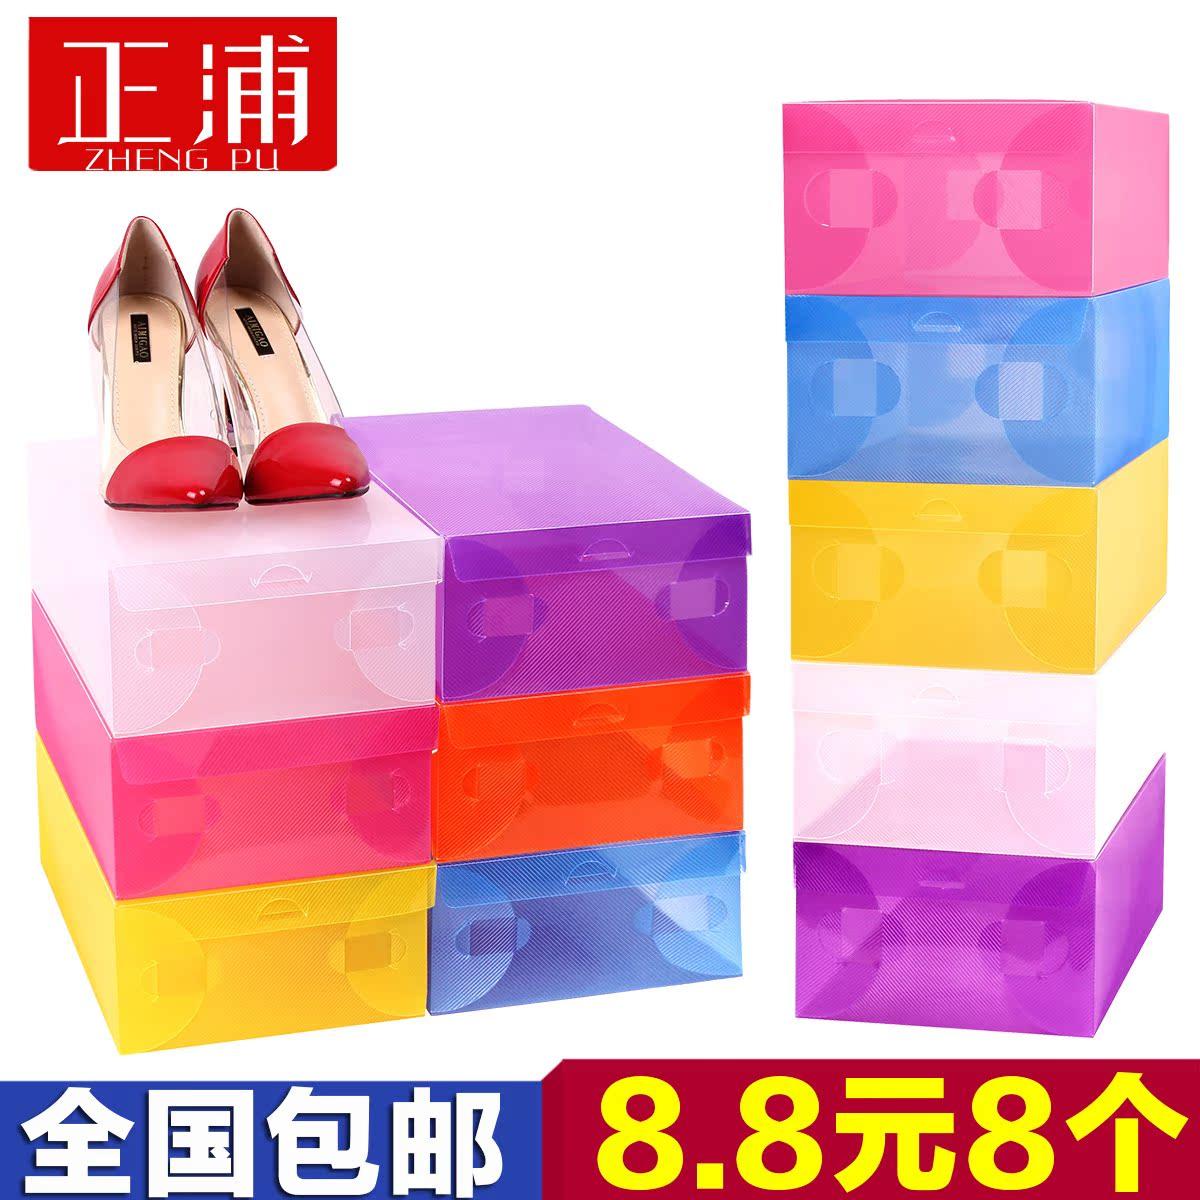 正浦加厚塑料包边透明鞋盒 组合抽屉式鞋子收纳盒整理箱塑料盒子